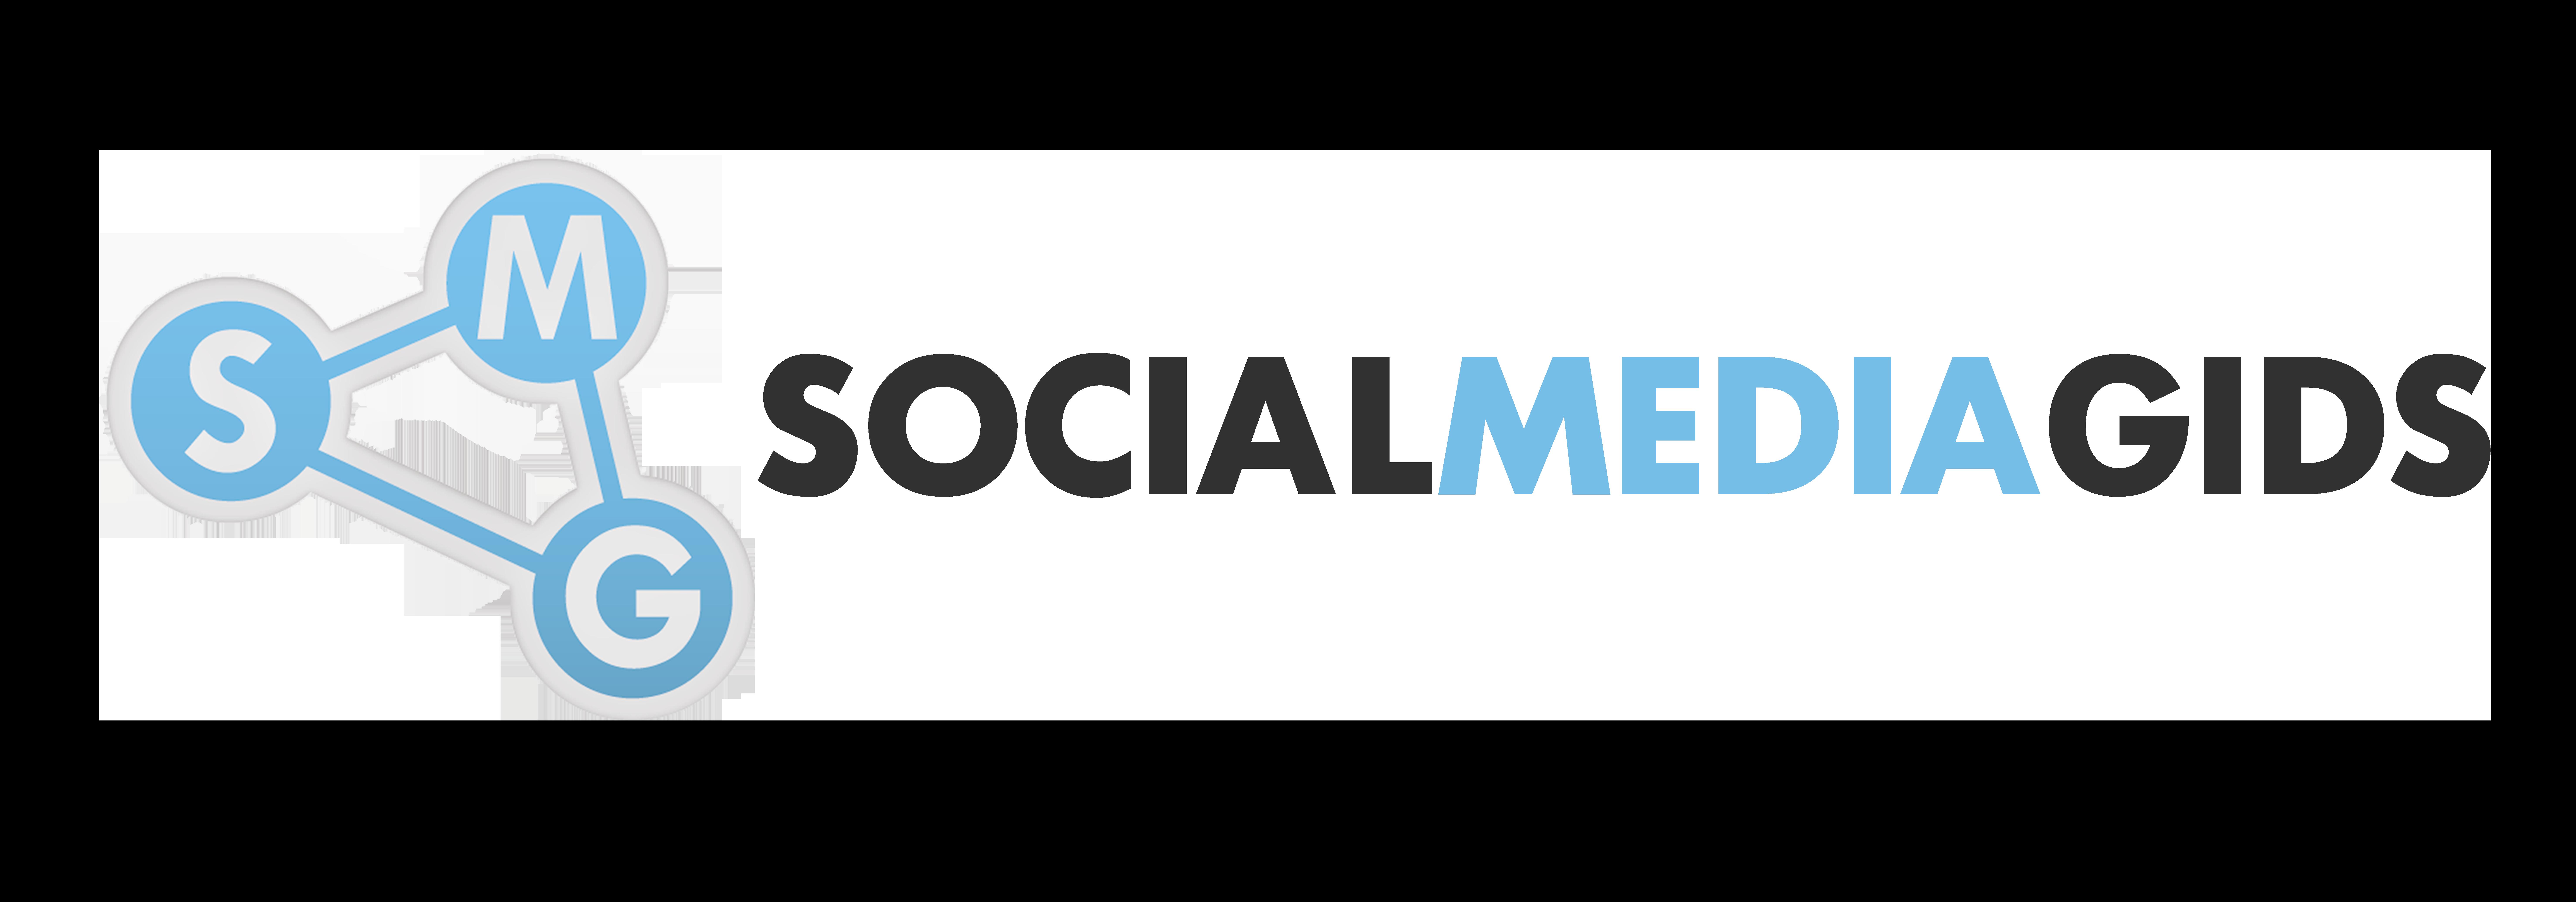 Social Media Gids